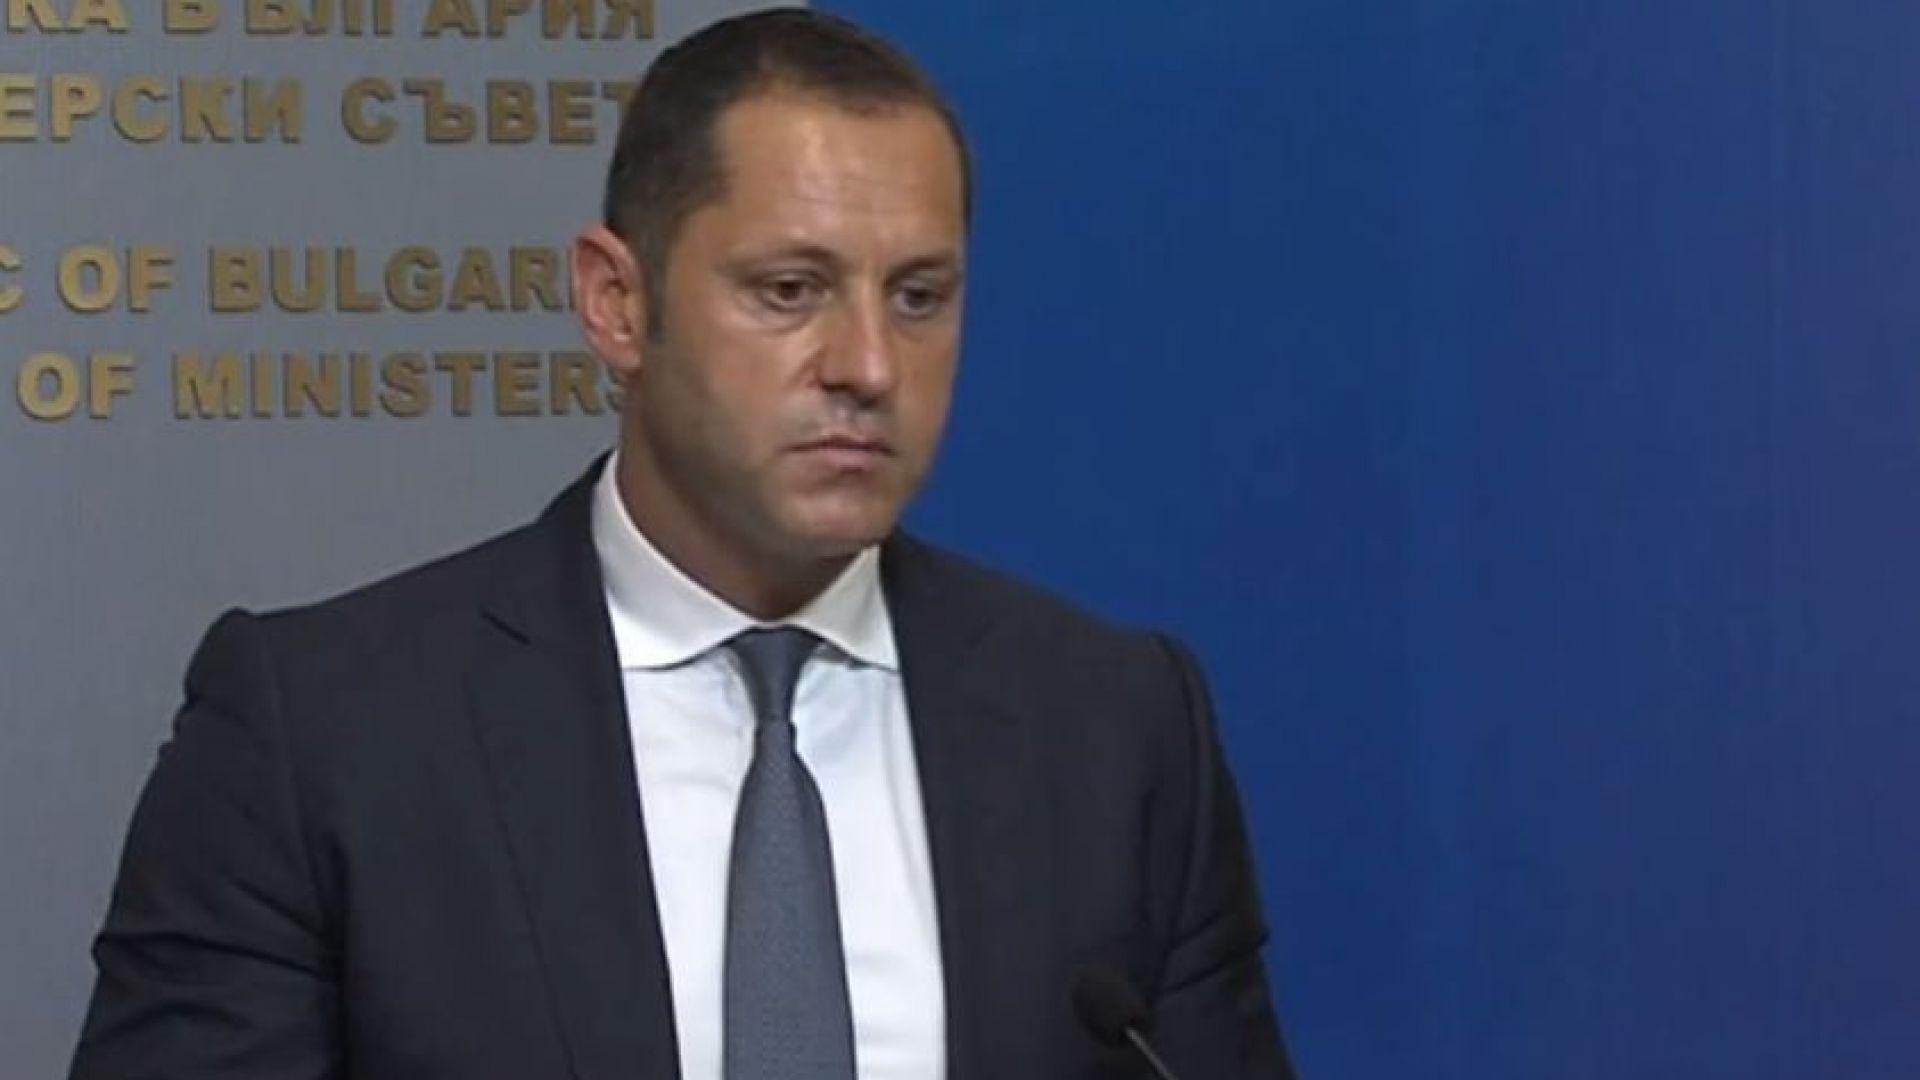 Общият размер на инвестициите в България през 2018 г. достига 20 млрд. лева